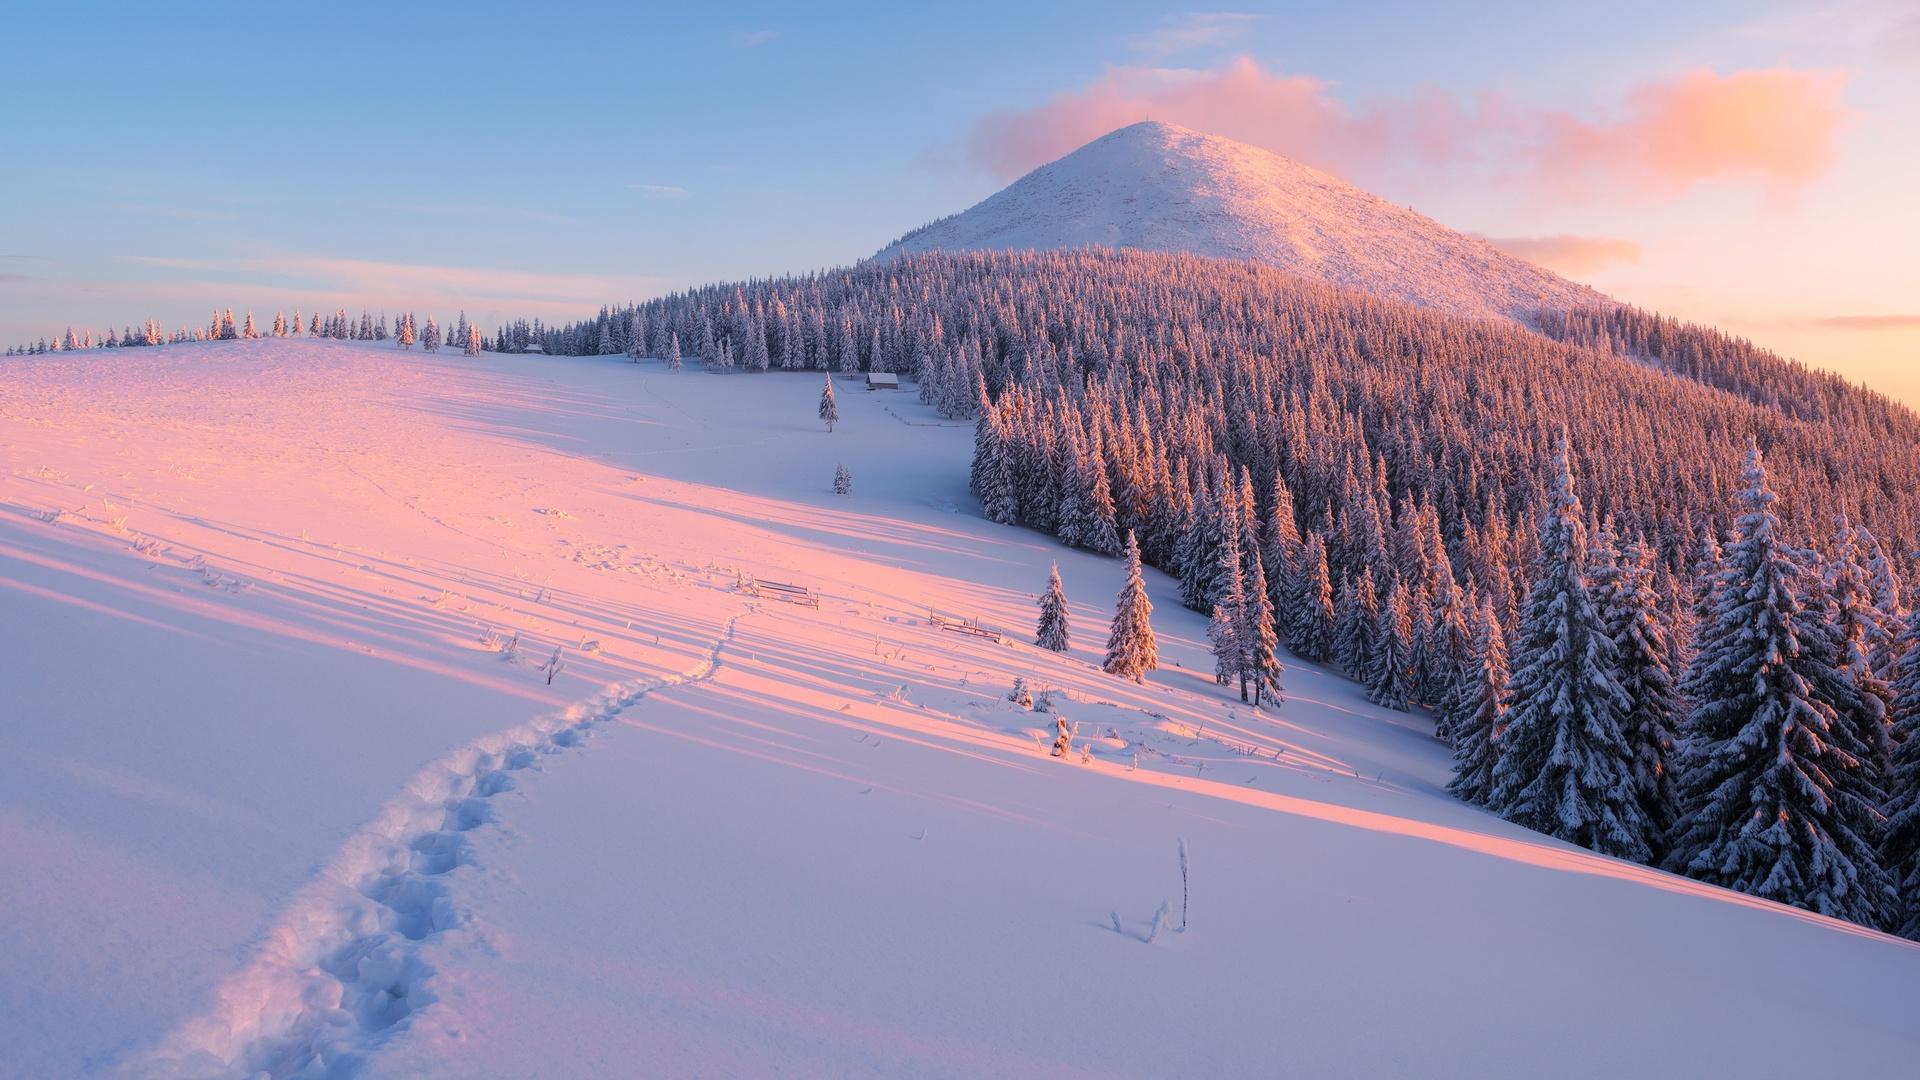 природа, пейзаж, горы, холмы, леса, деревья, ели, склон, снег, зима, рассвет, тропинка, тени